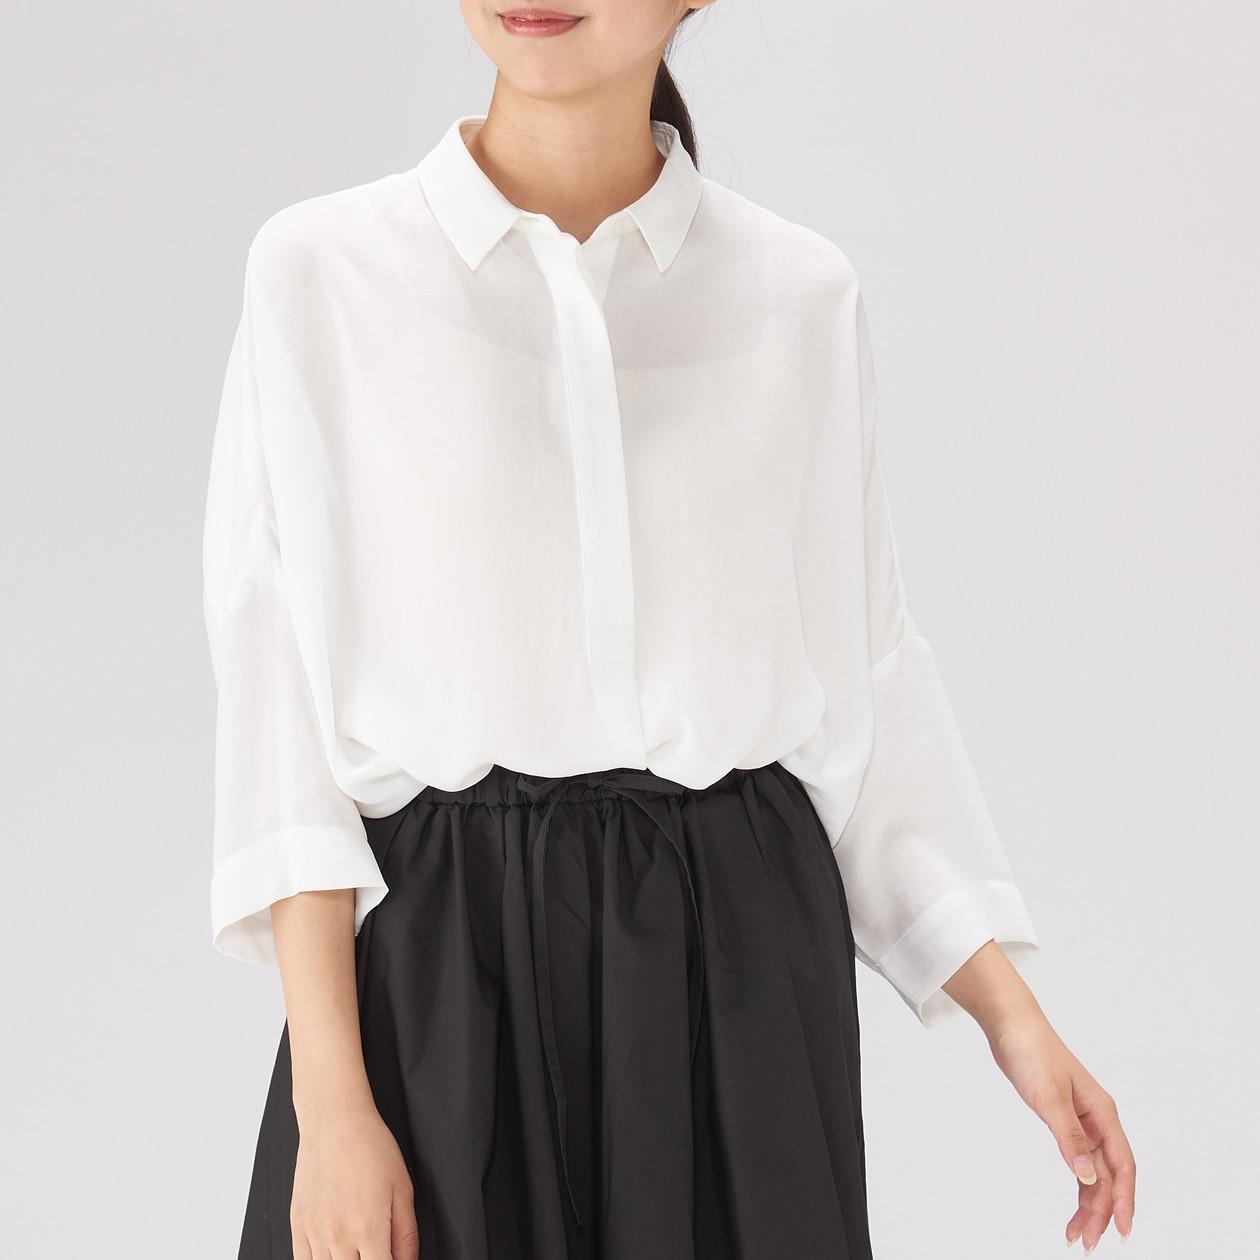 女聚酯纖維寬肩襯衫 白色ONE SIZE | 無印良品